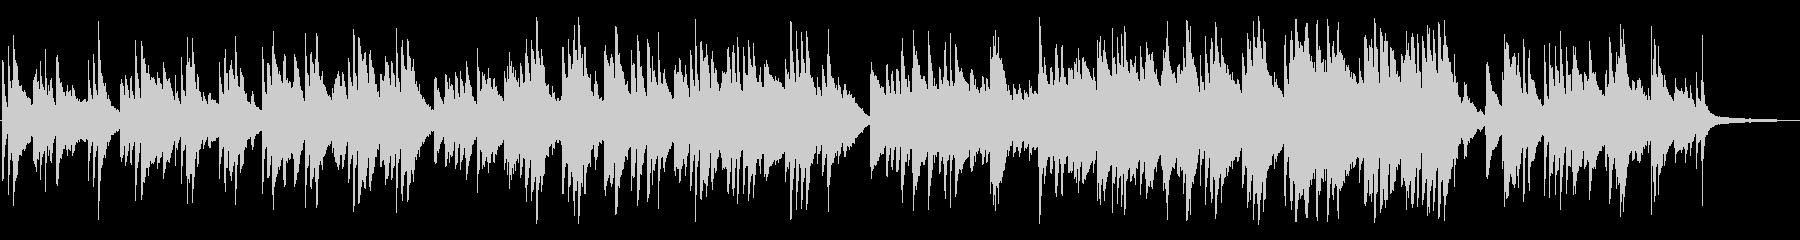 ジブリ的、神秘的なピアノBGMの未再生の波形